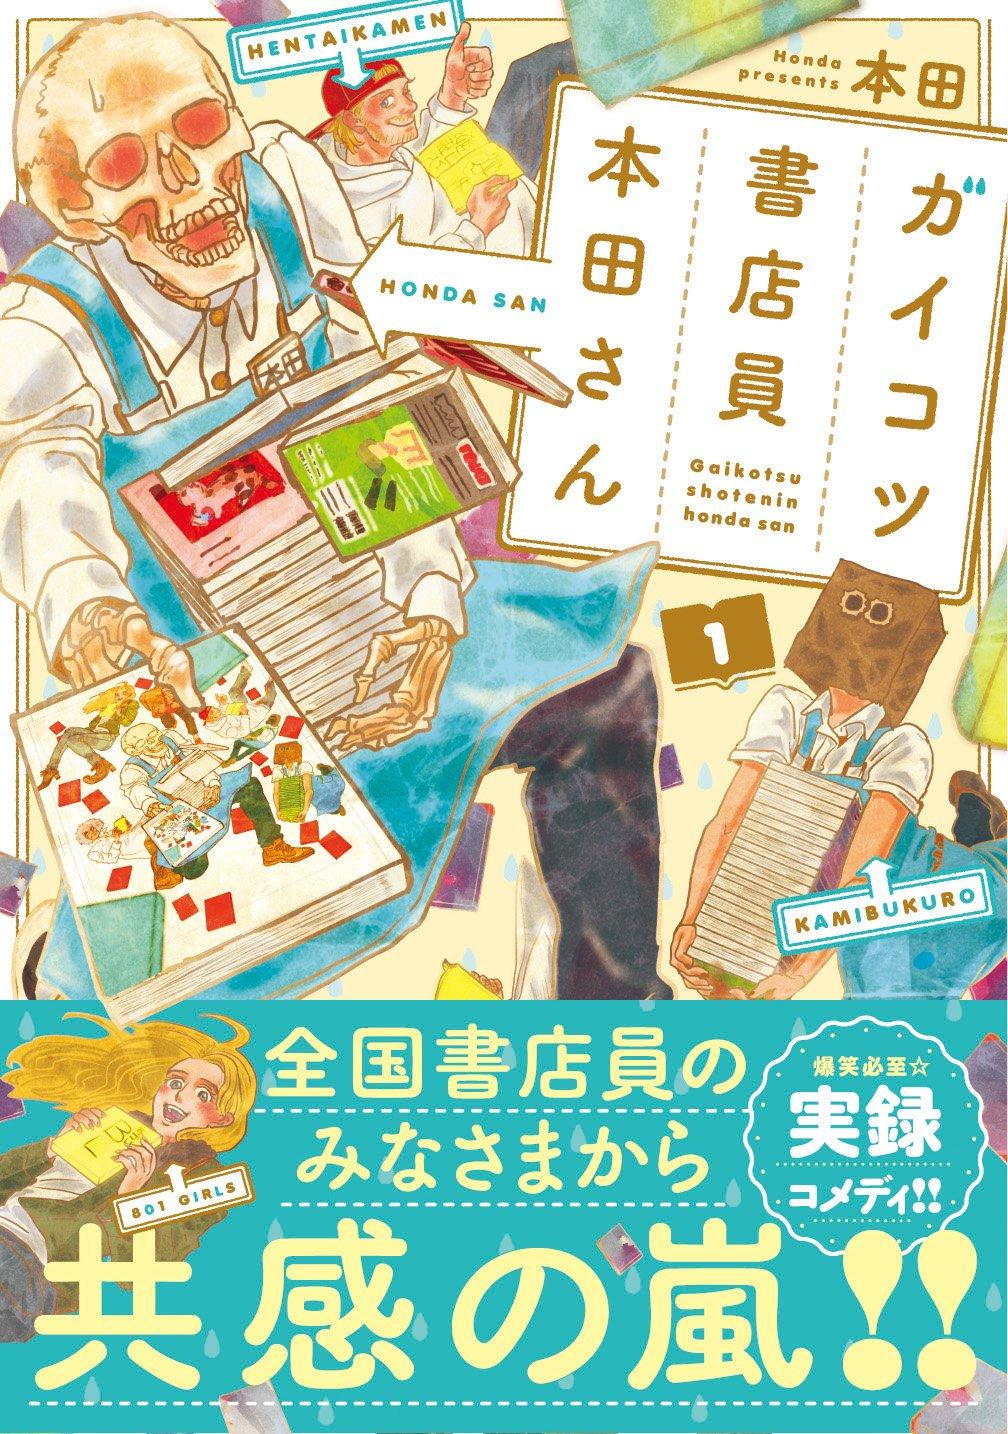 「ガイコツ書店員 本田さん」の画像検索結果